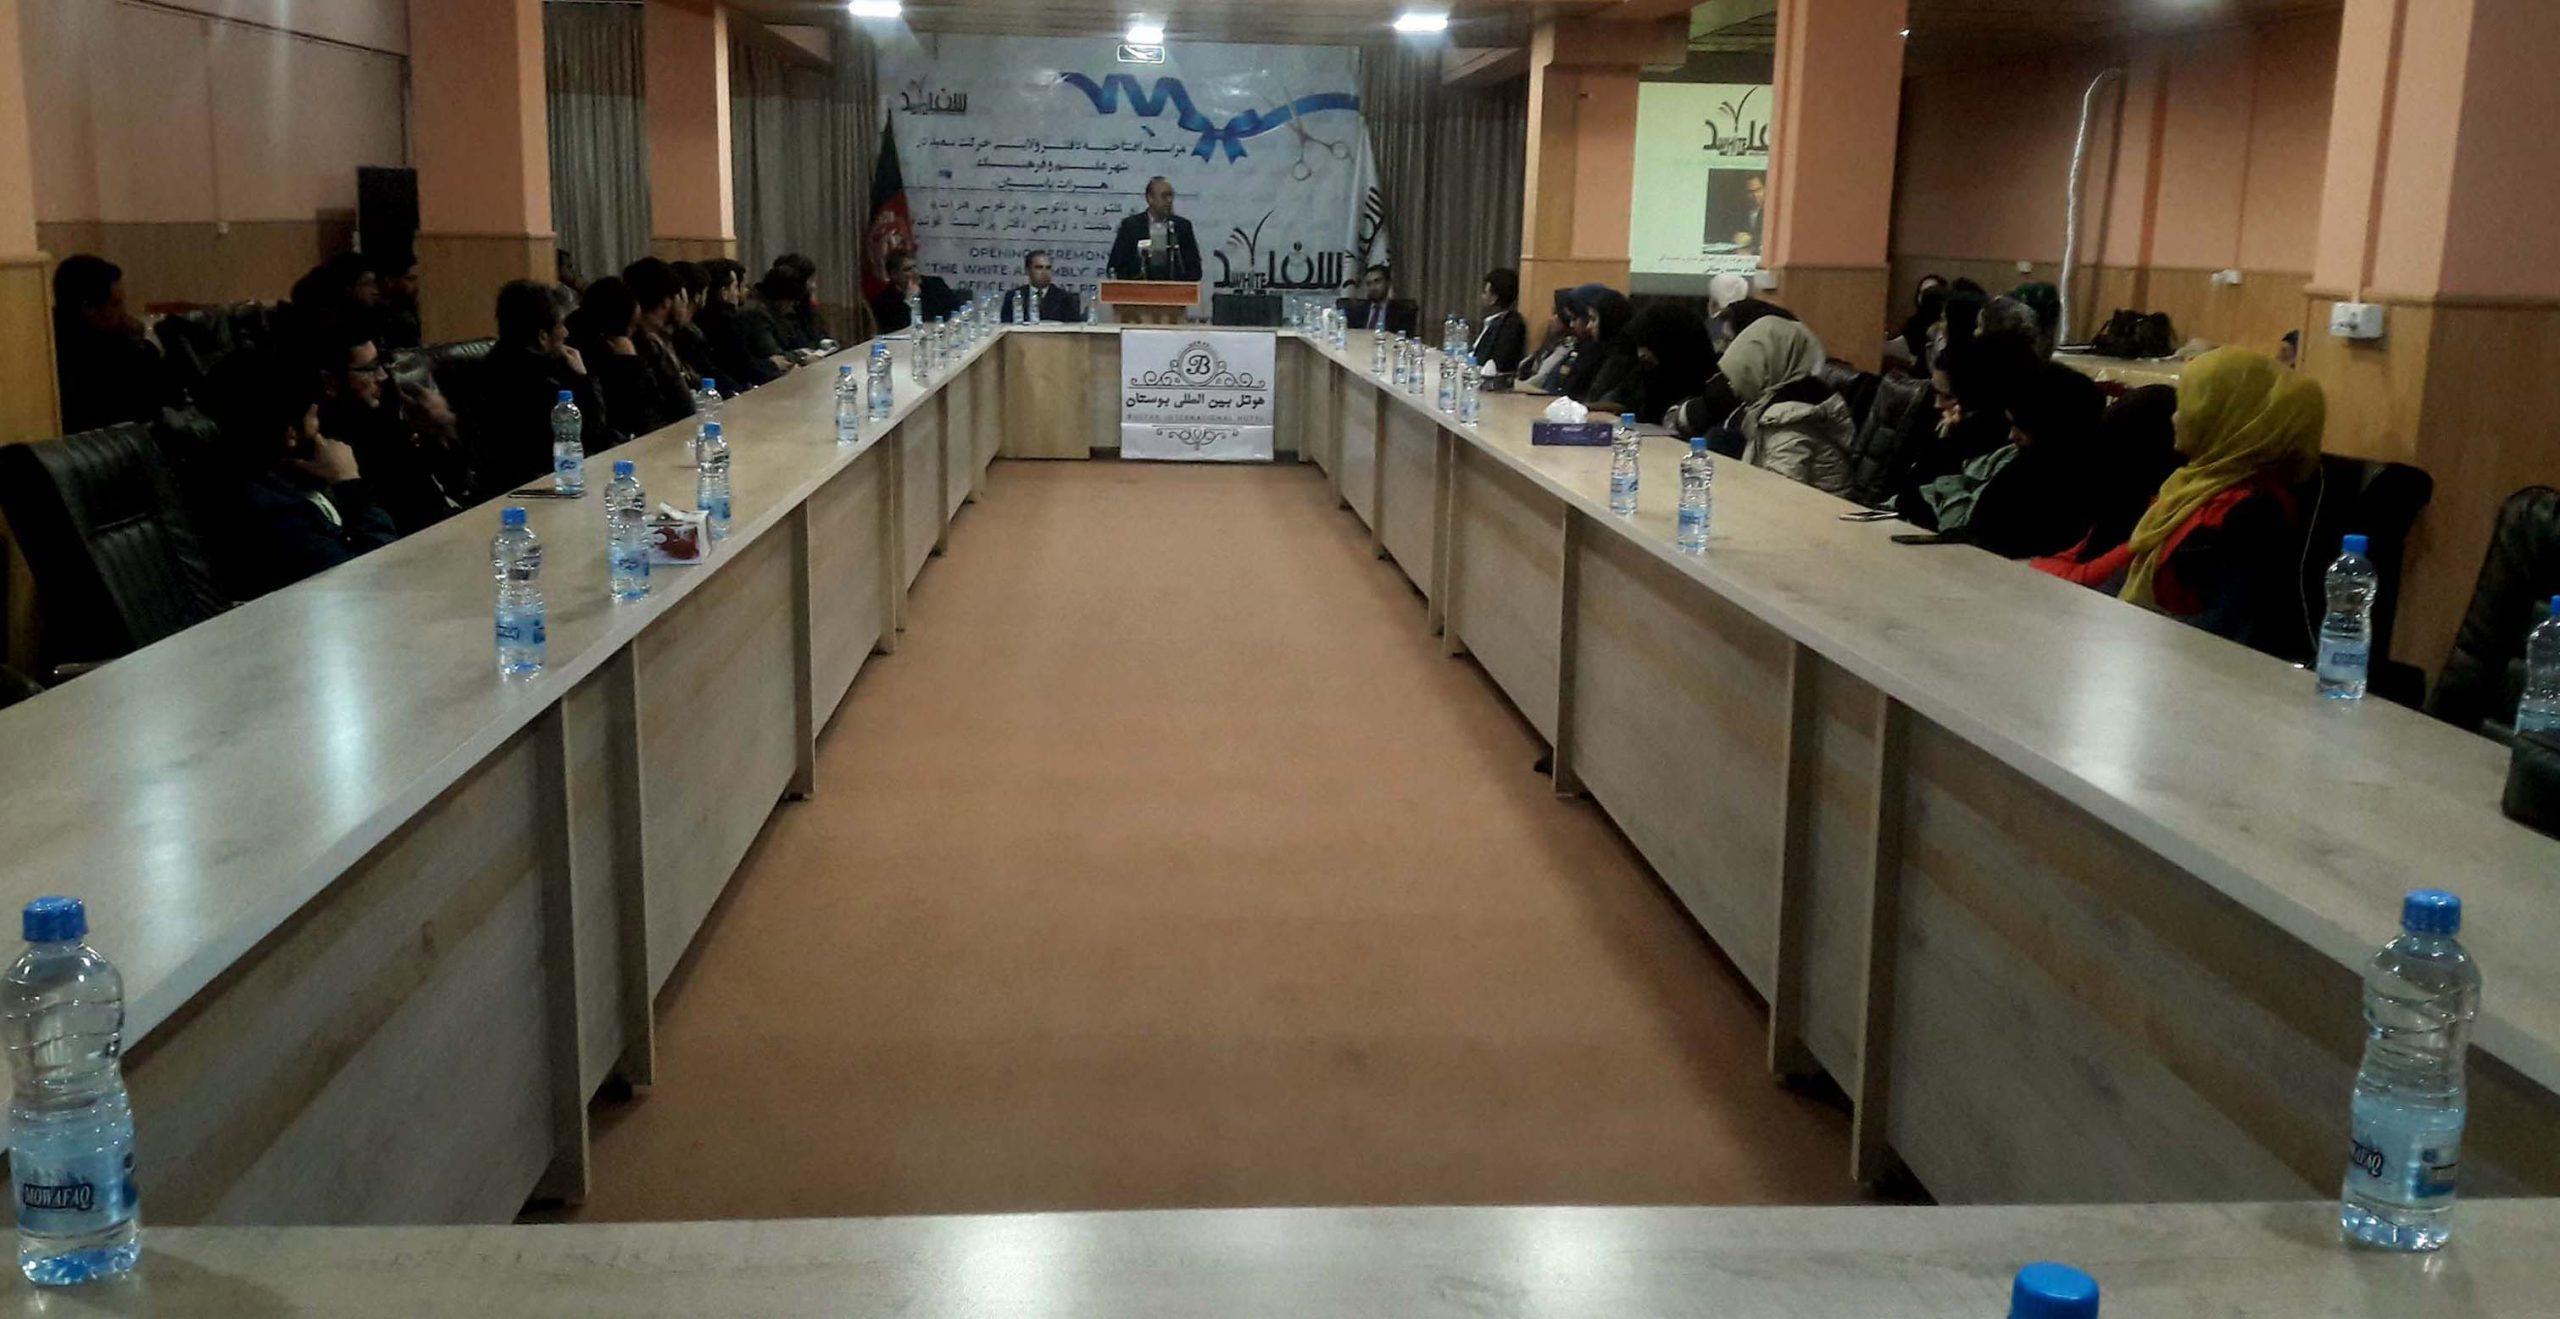 سازمان حرکت سفید با شعار مبارزه با رشد افراطیت در هرات ایجاد شد